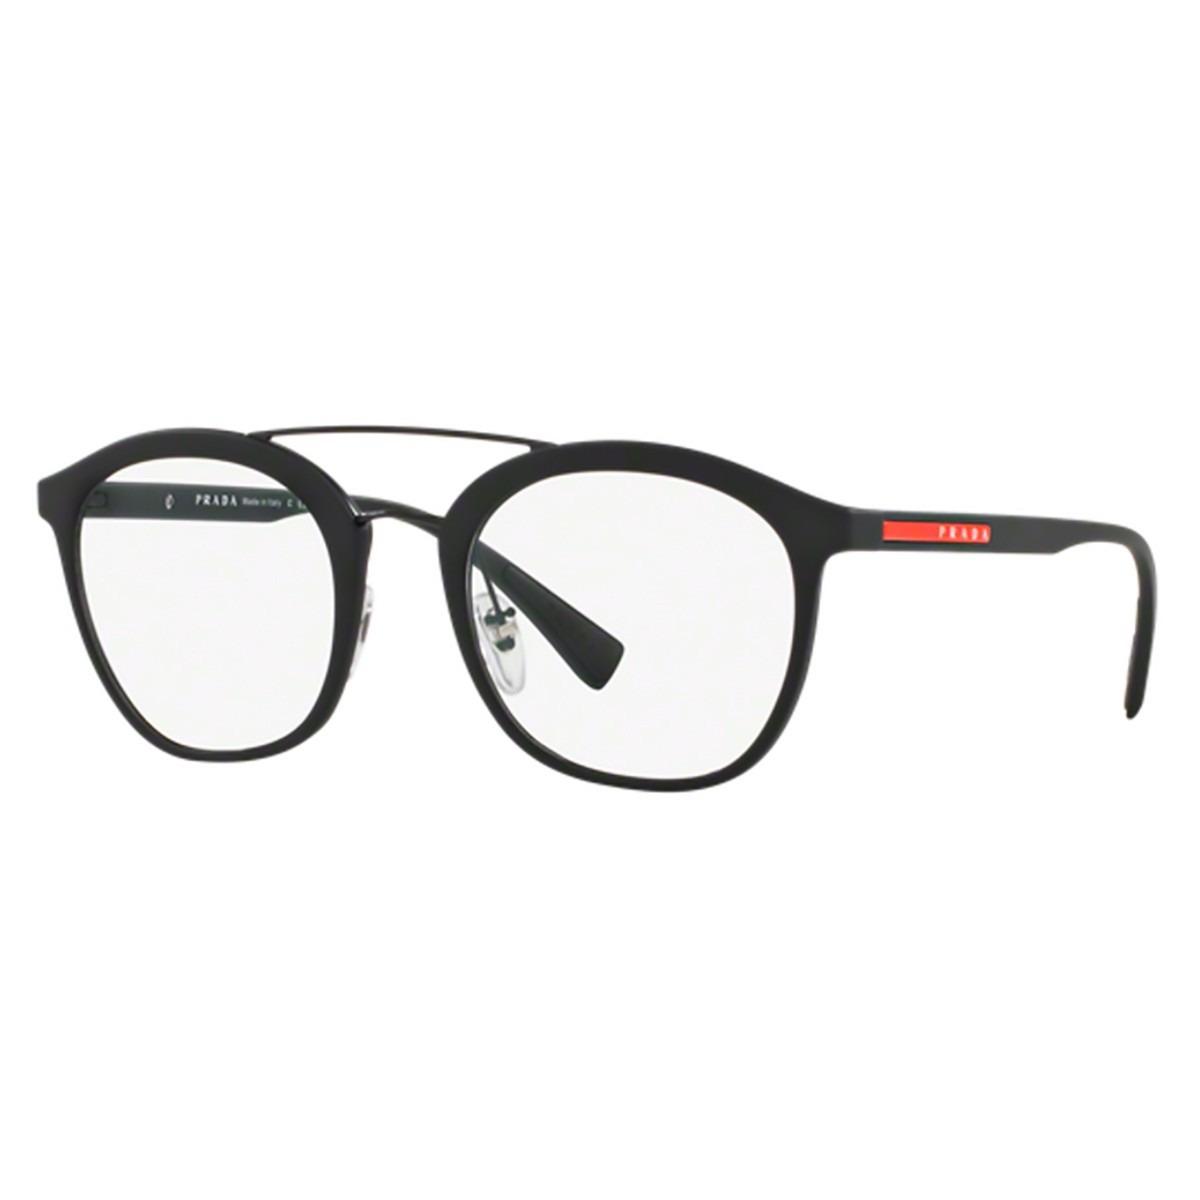 1f8ed0b7d Óculos De Grau Prada Sport Vps02h Dg0-1o1 - R$ 718,00 em Mercado Livre